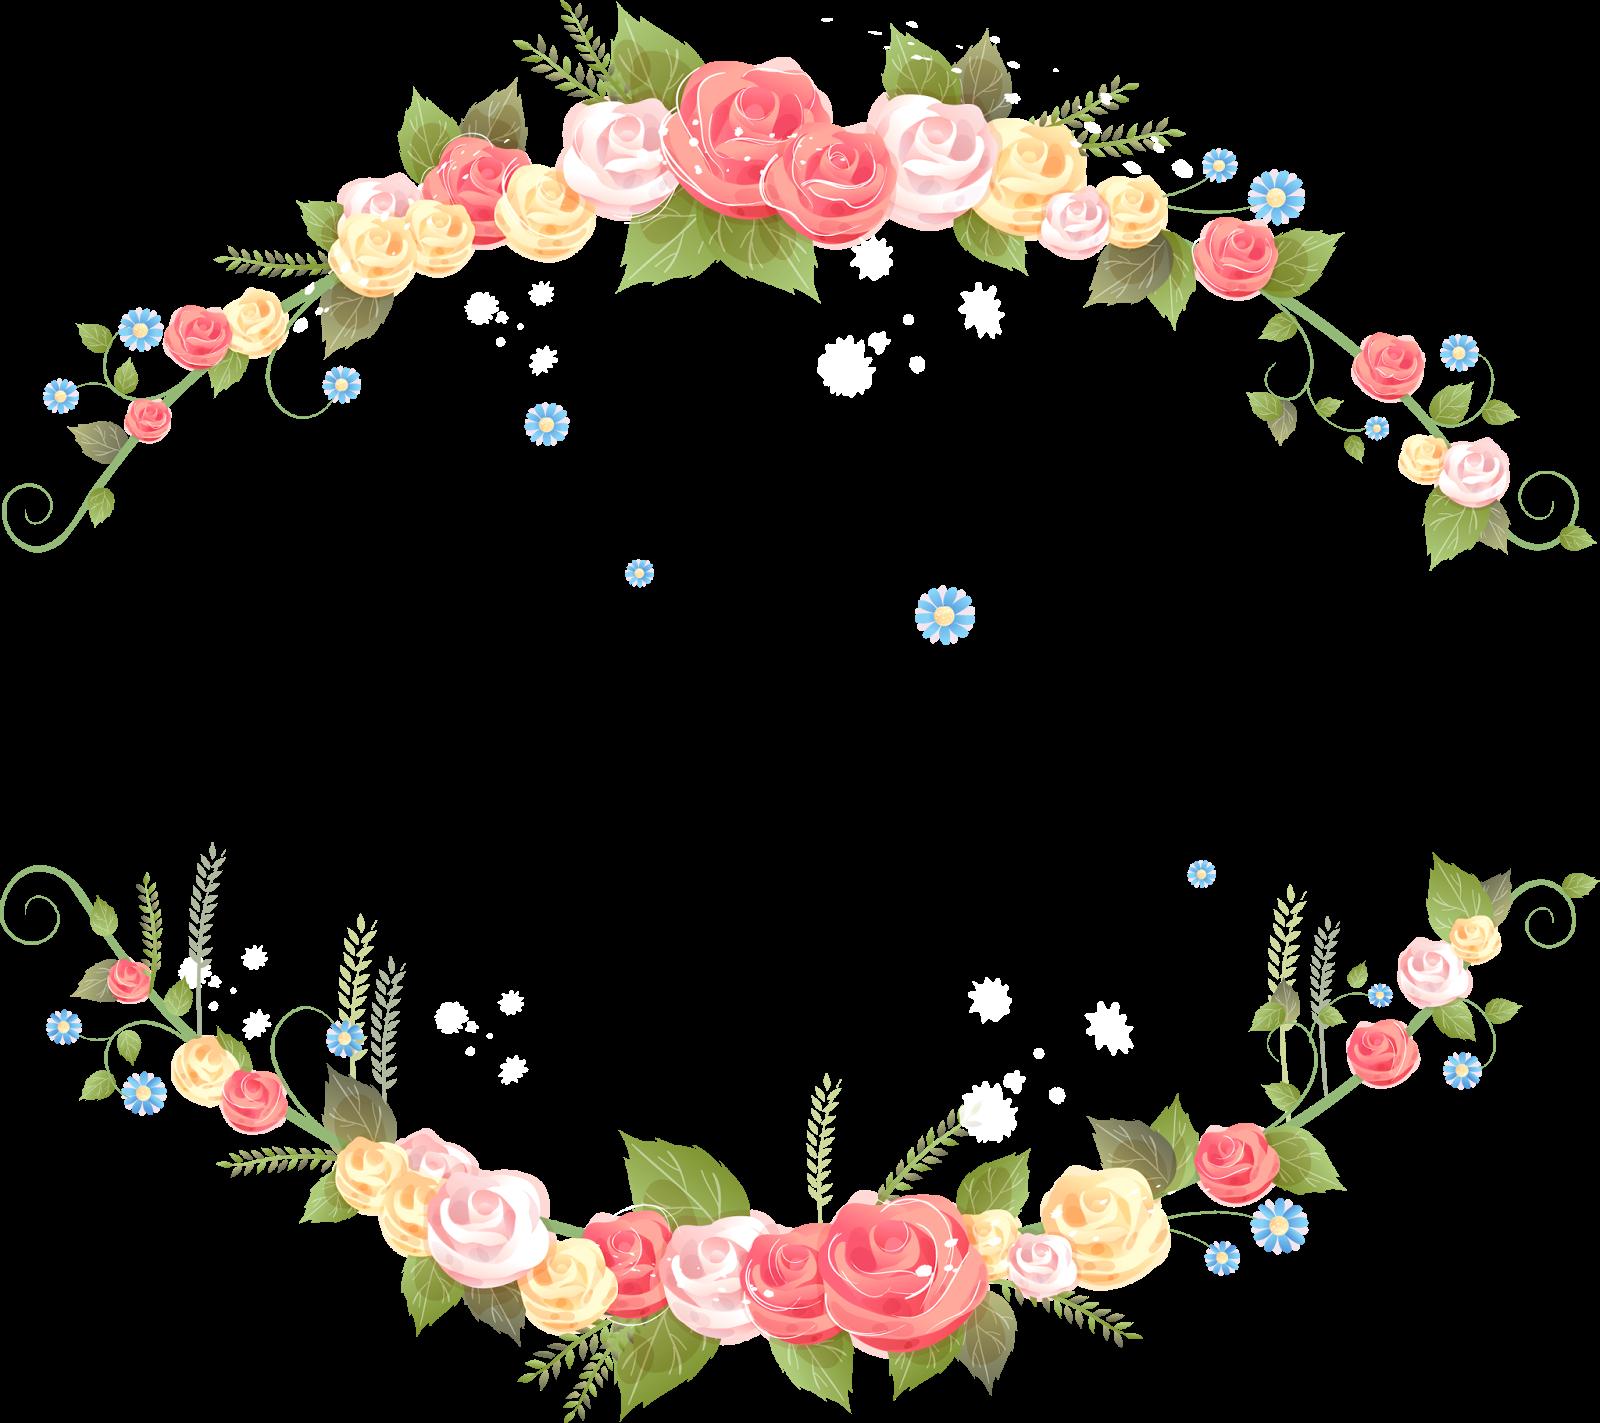 Vector Flores Convites Convites Casamento Casamento Png E: Borda Florais Clipart PNG Fundo Transparente